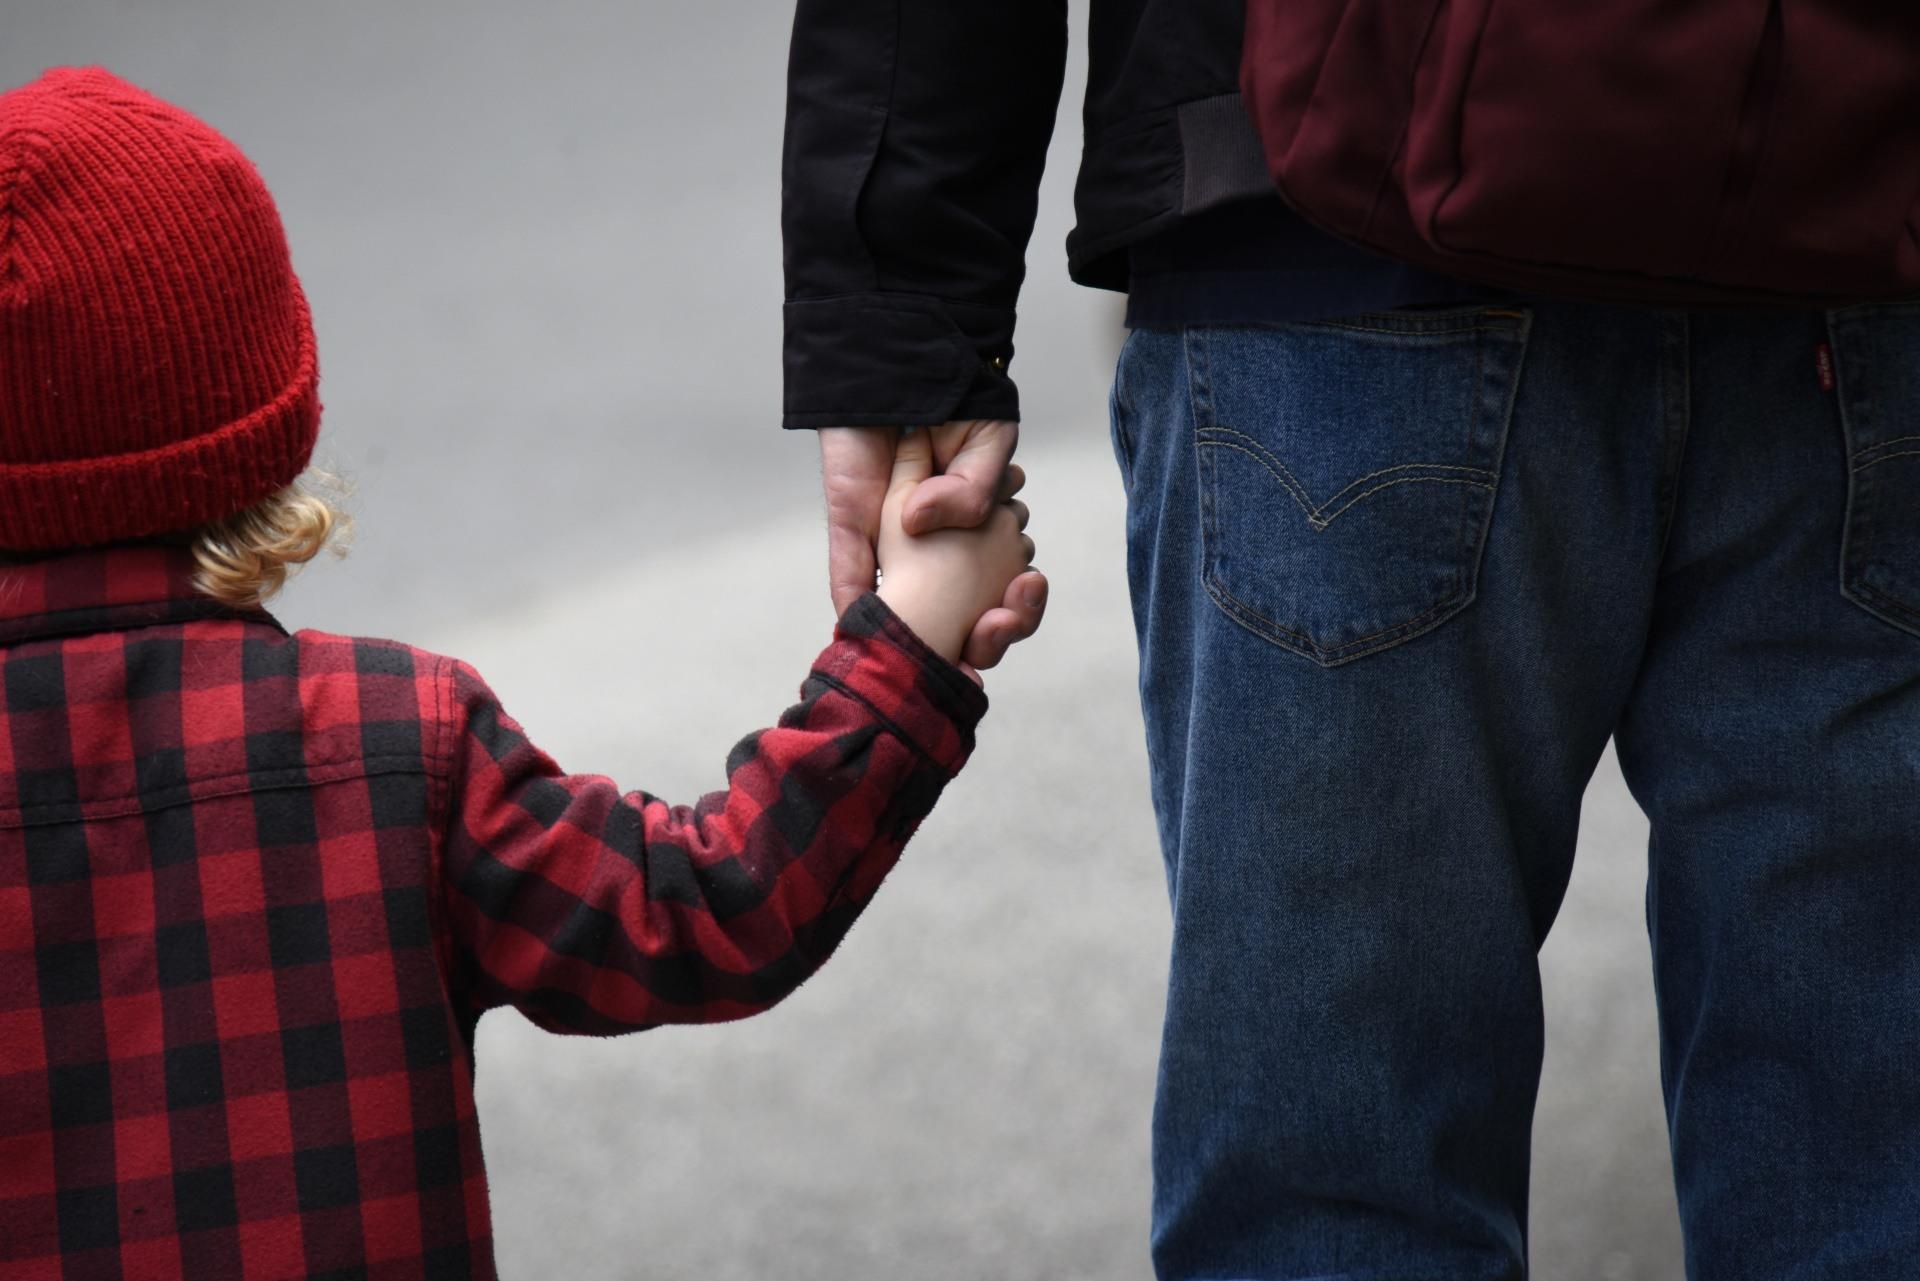 """Coronavirus, il Viminale chiarisce: """"Sì a camminata genitore-figlio, ma vicino casa"""""""